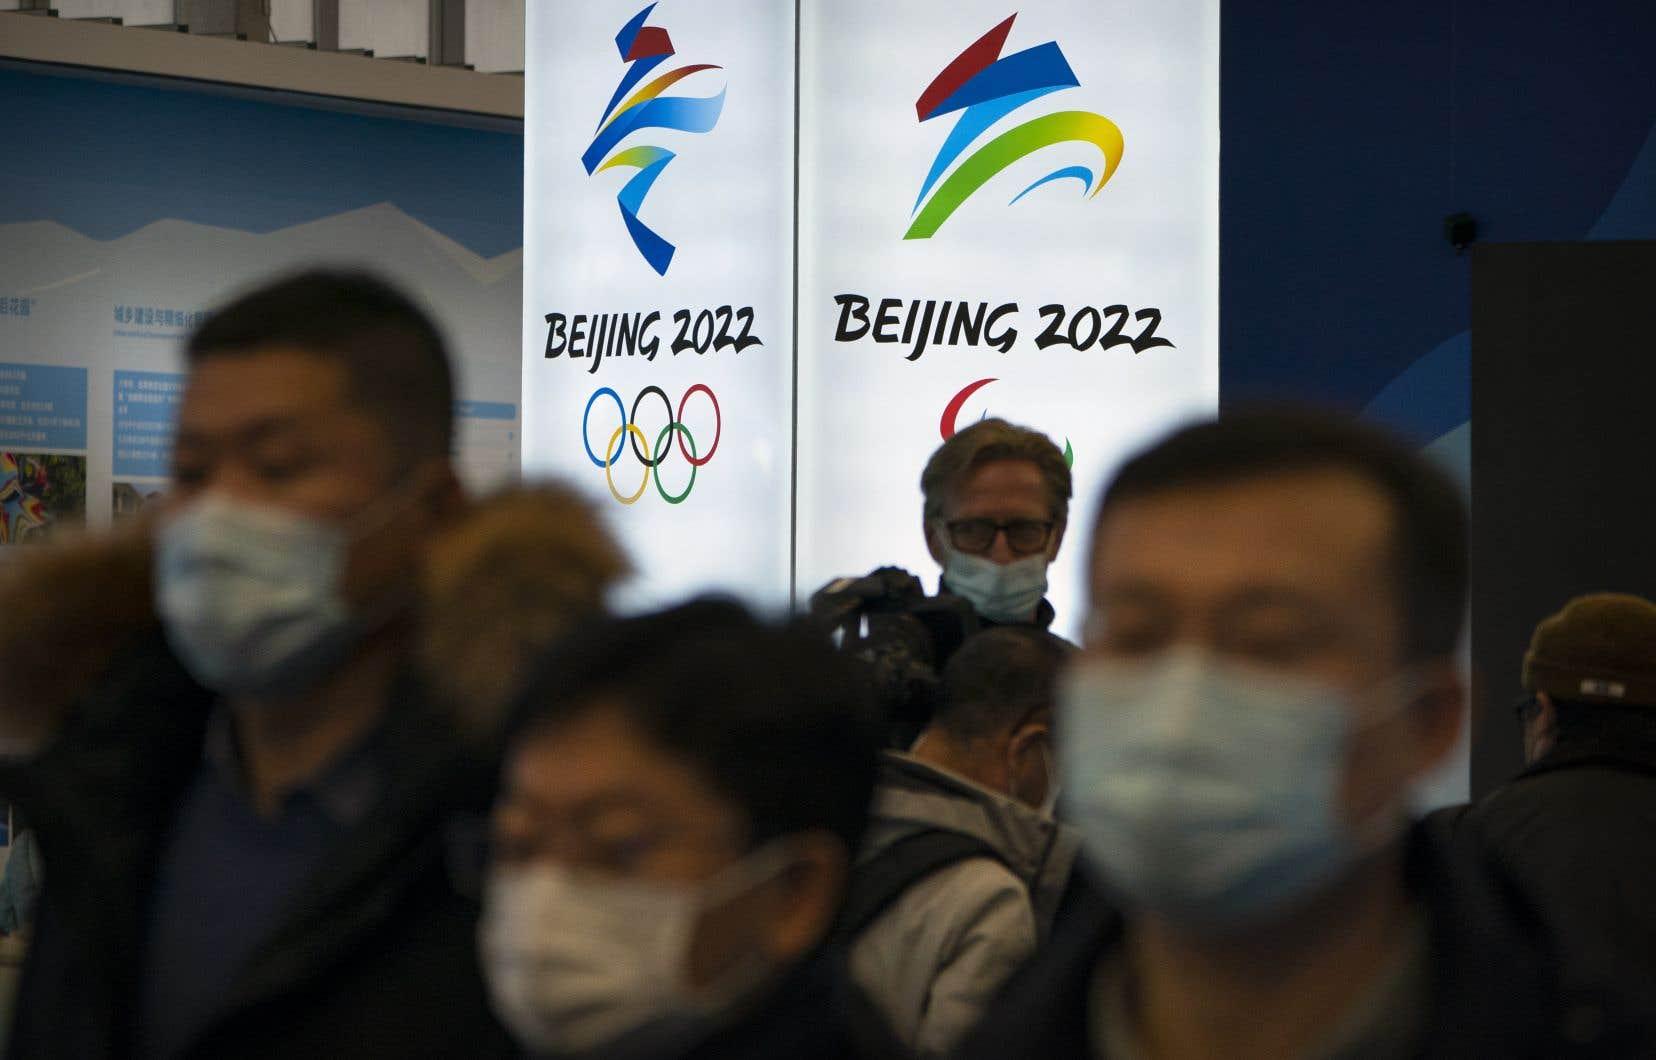 Le Comité olympique et paralympique américain a réaffirmé mercredi par la voix de sa présidente son opposition au boycottage des Jeux d'hiver de Pékin en février 2022, réclamé notamment par des associations de défense des droits de la personne.